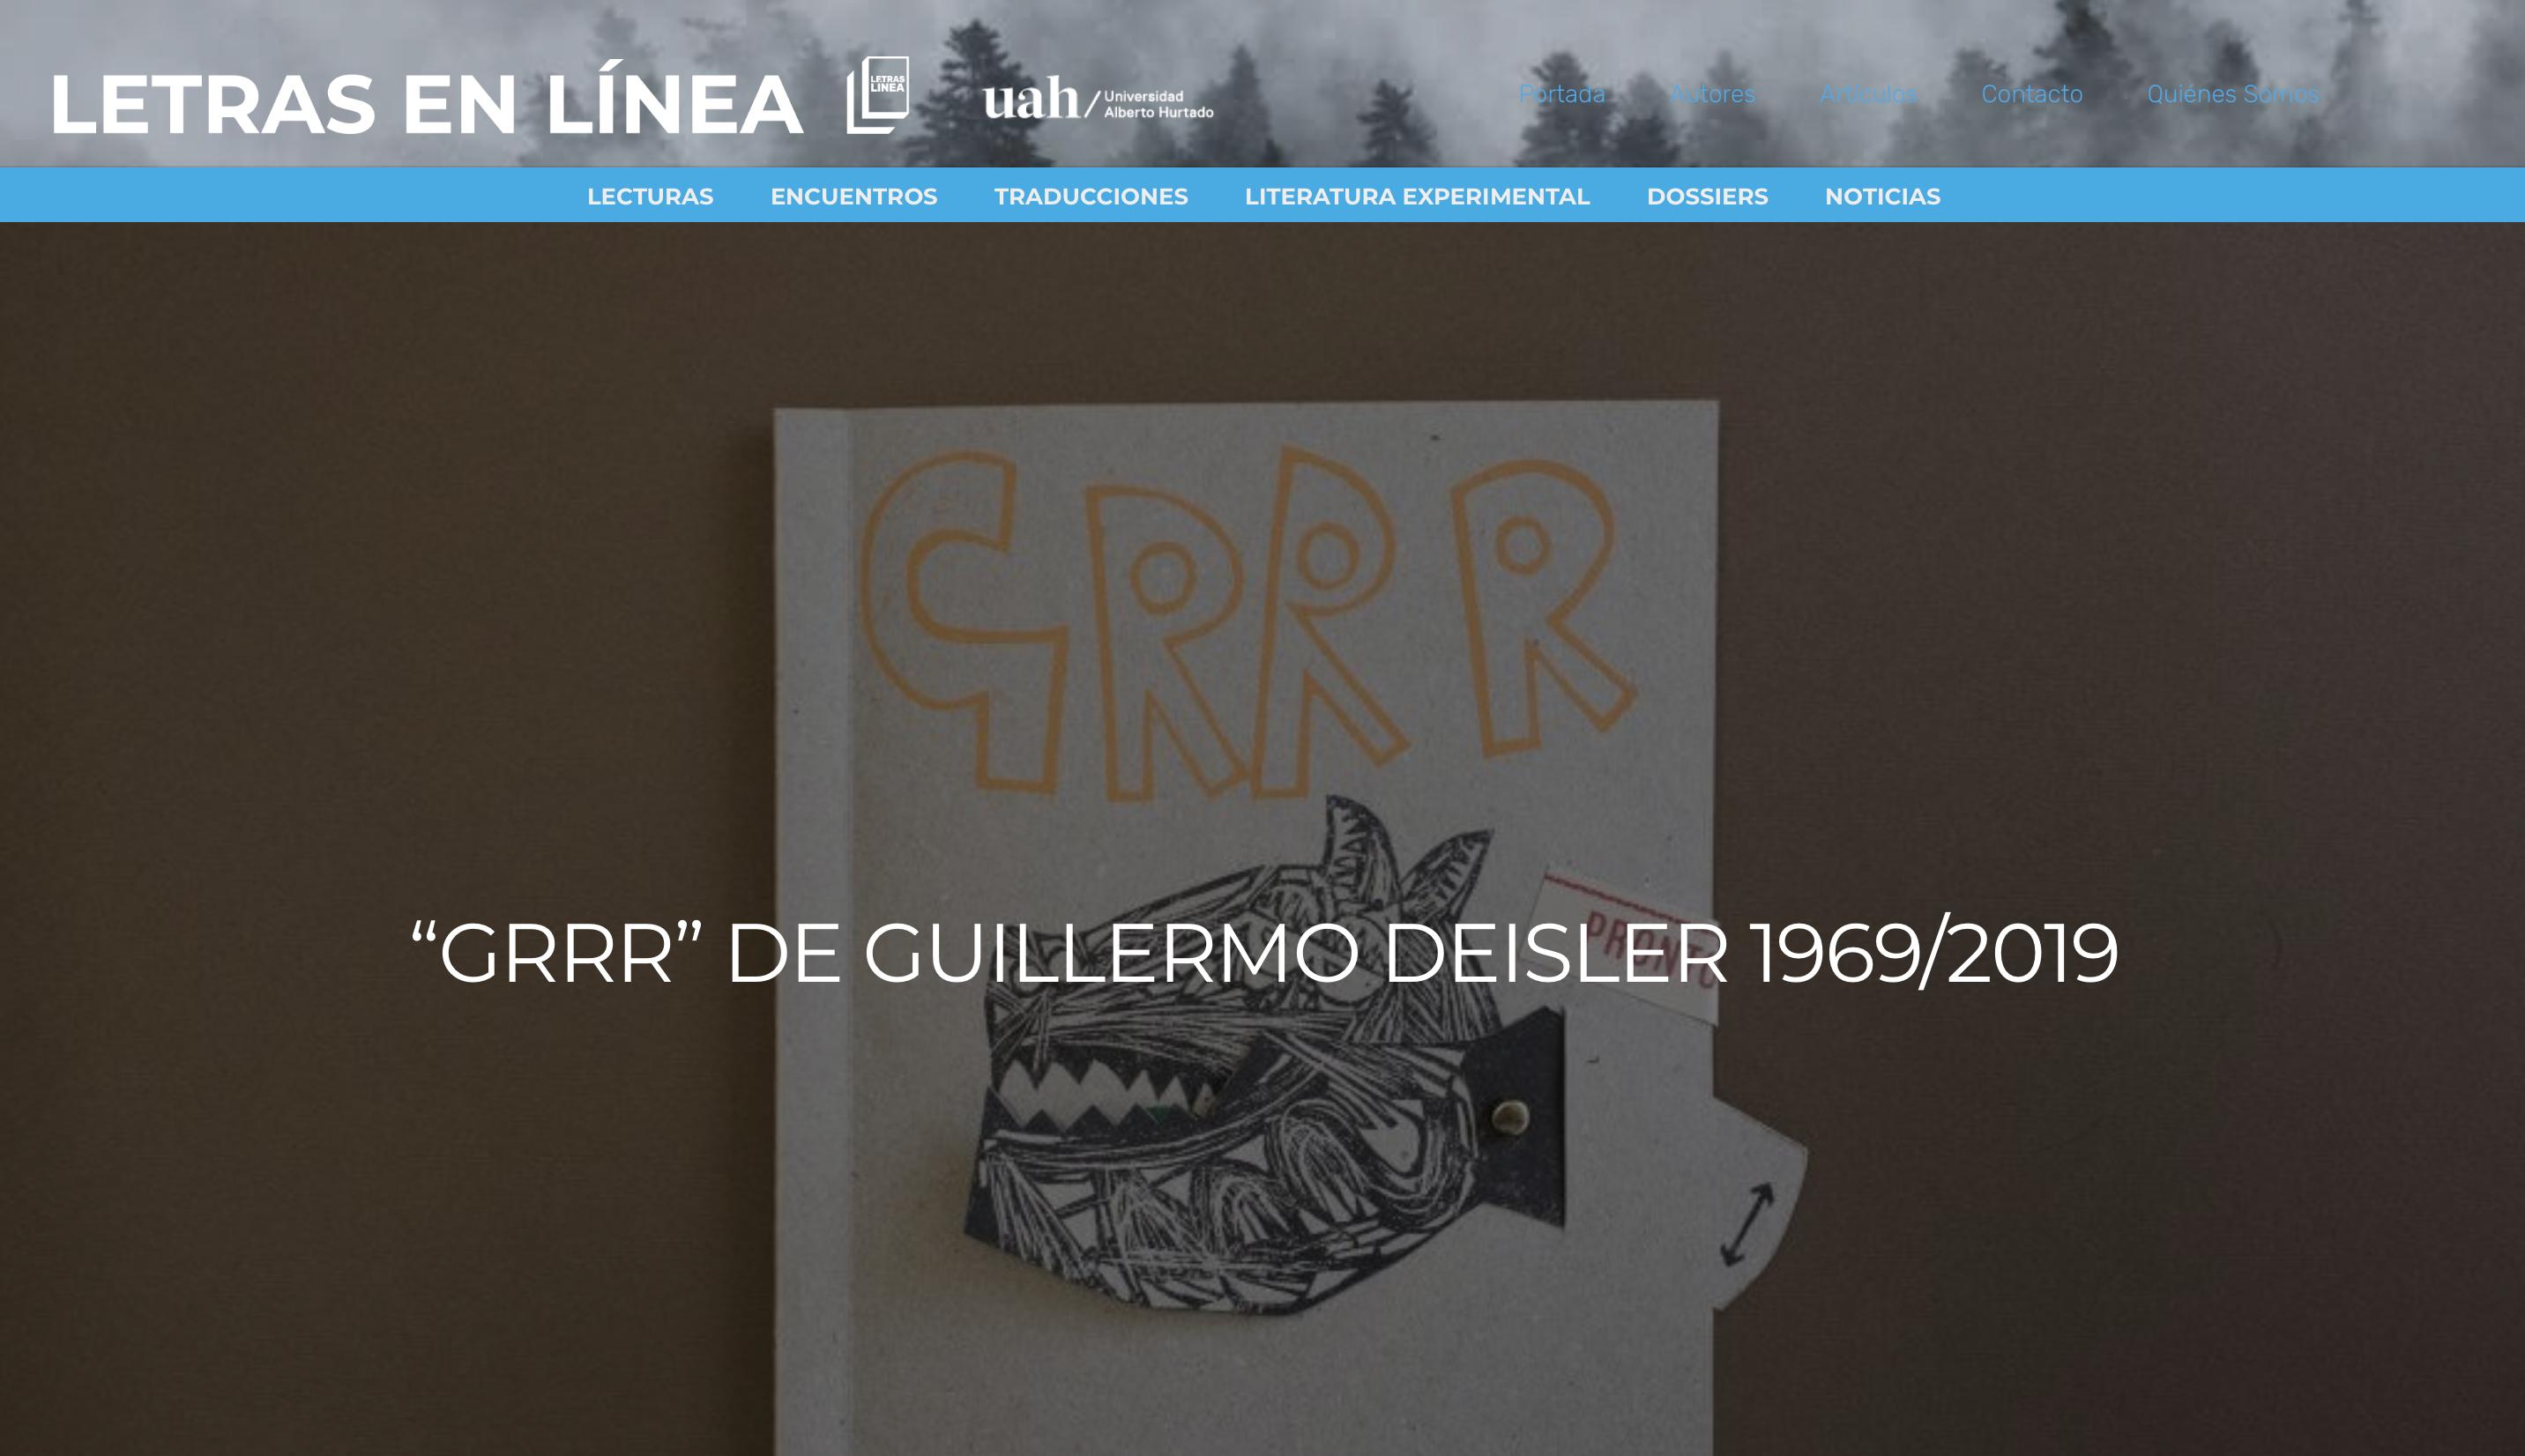 Reseña: 'Grrr' de Guillermo Deisler en Letras en Línea